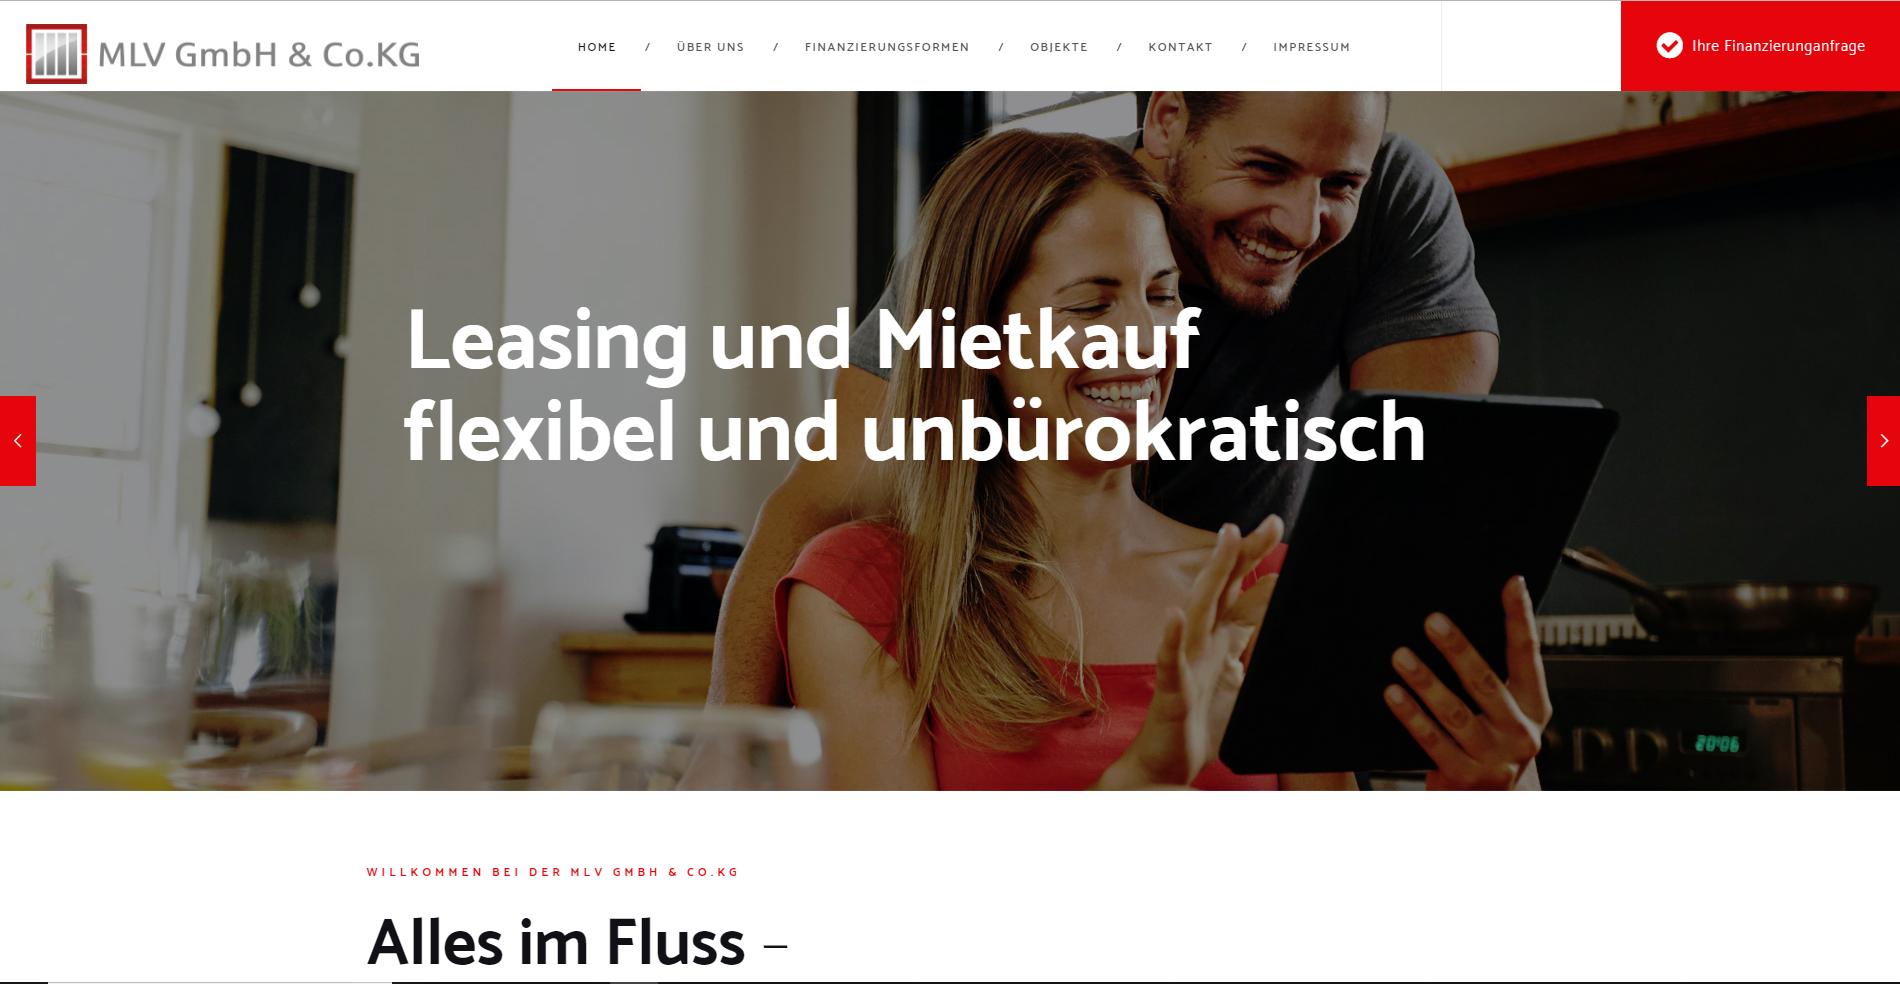 Referenzen Solidum MLV GmbH & Co. KG